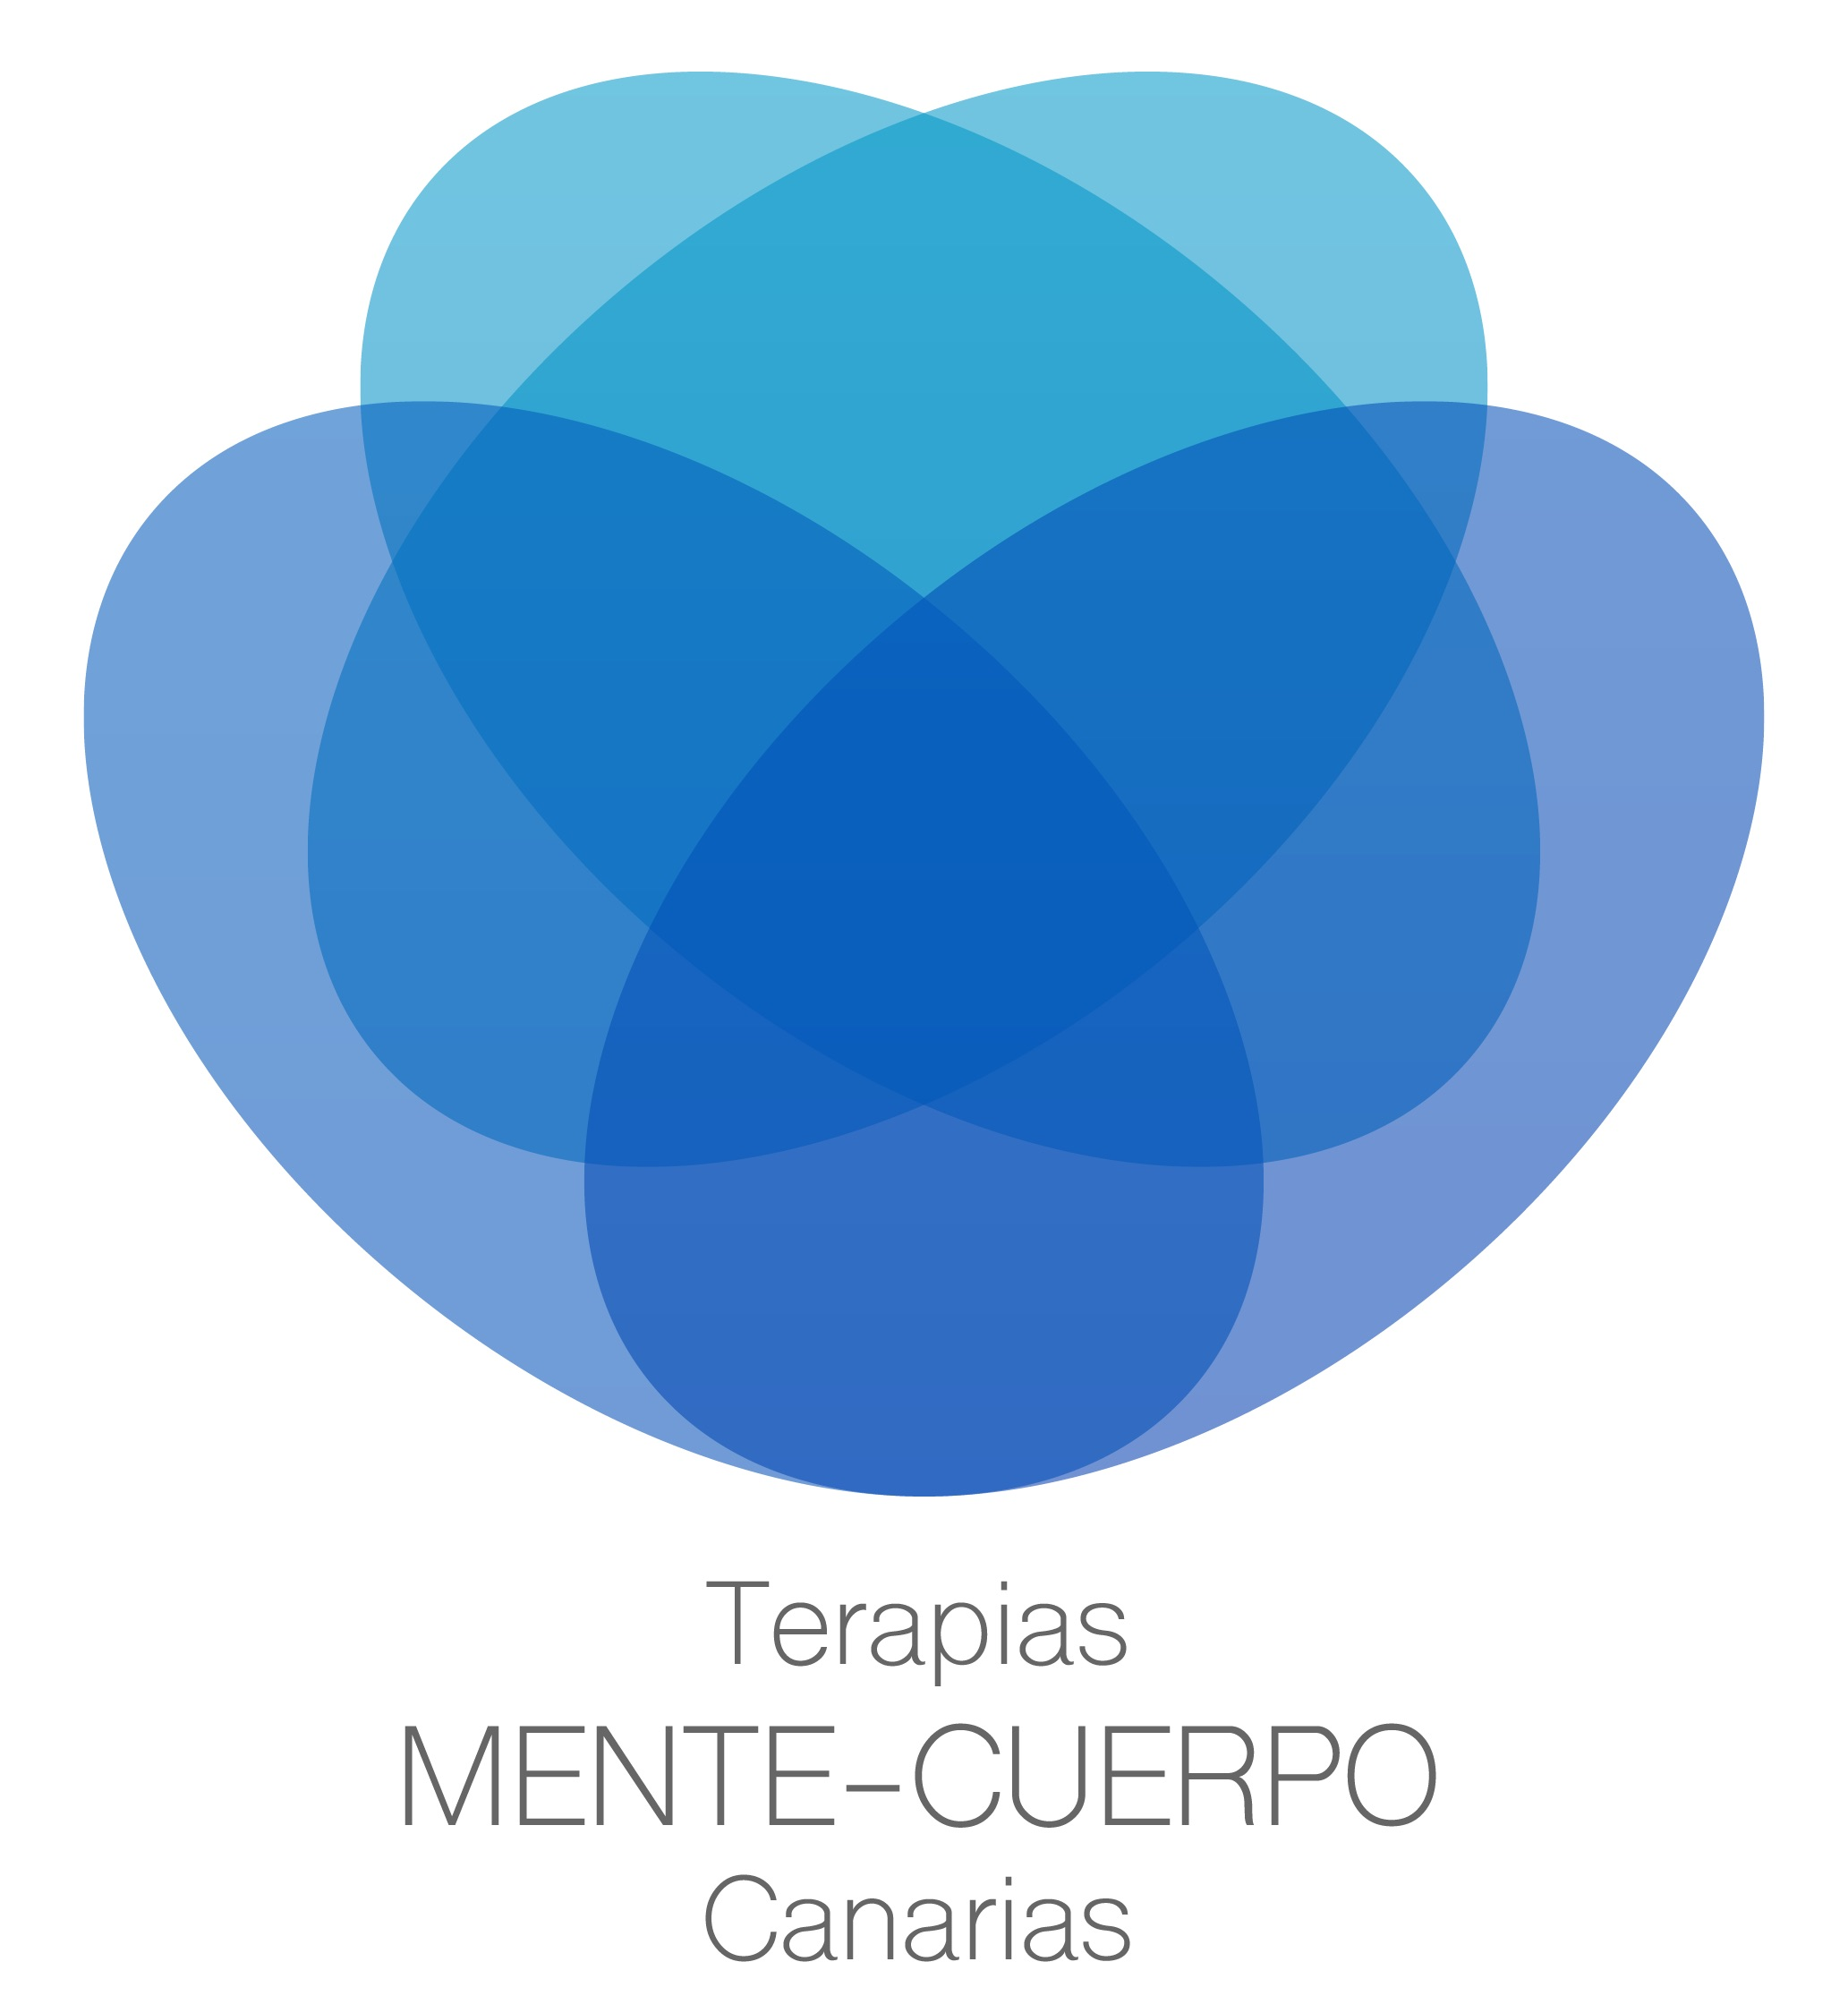 Logo Terapias Mente-Cuerpo Canarias AZUL